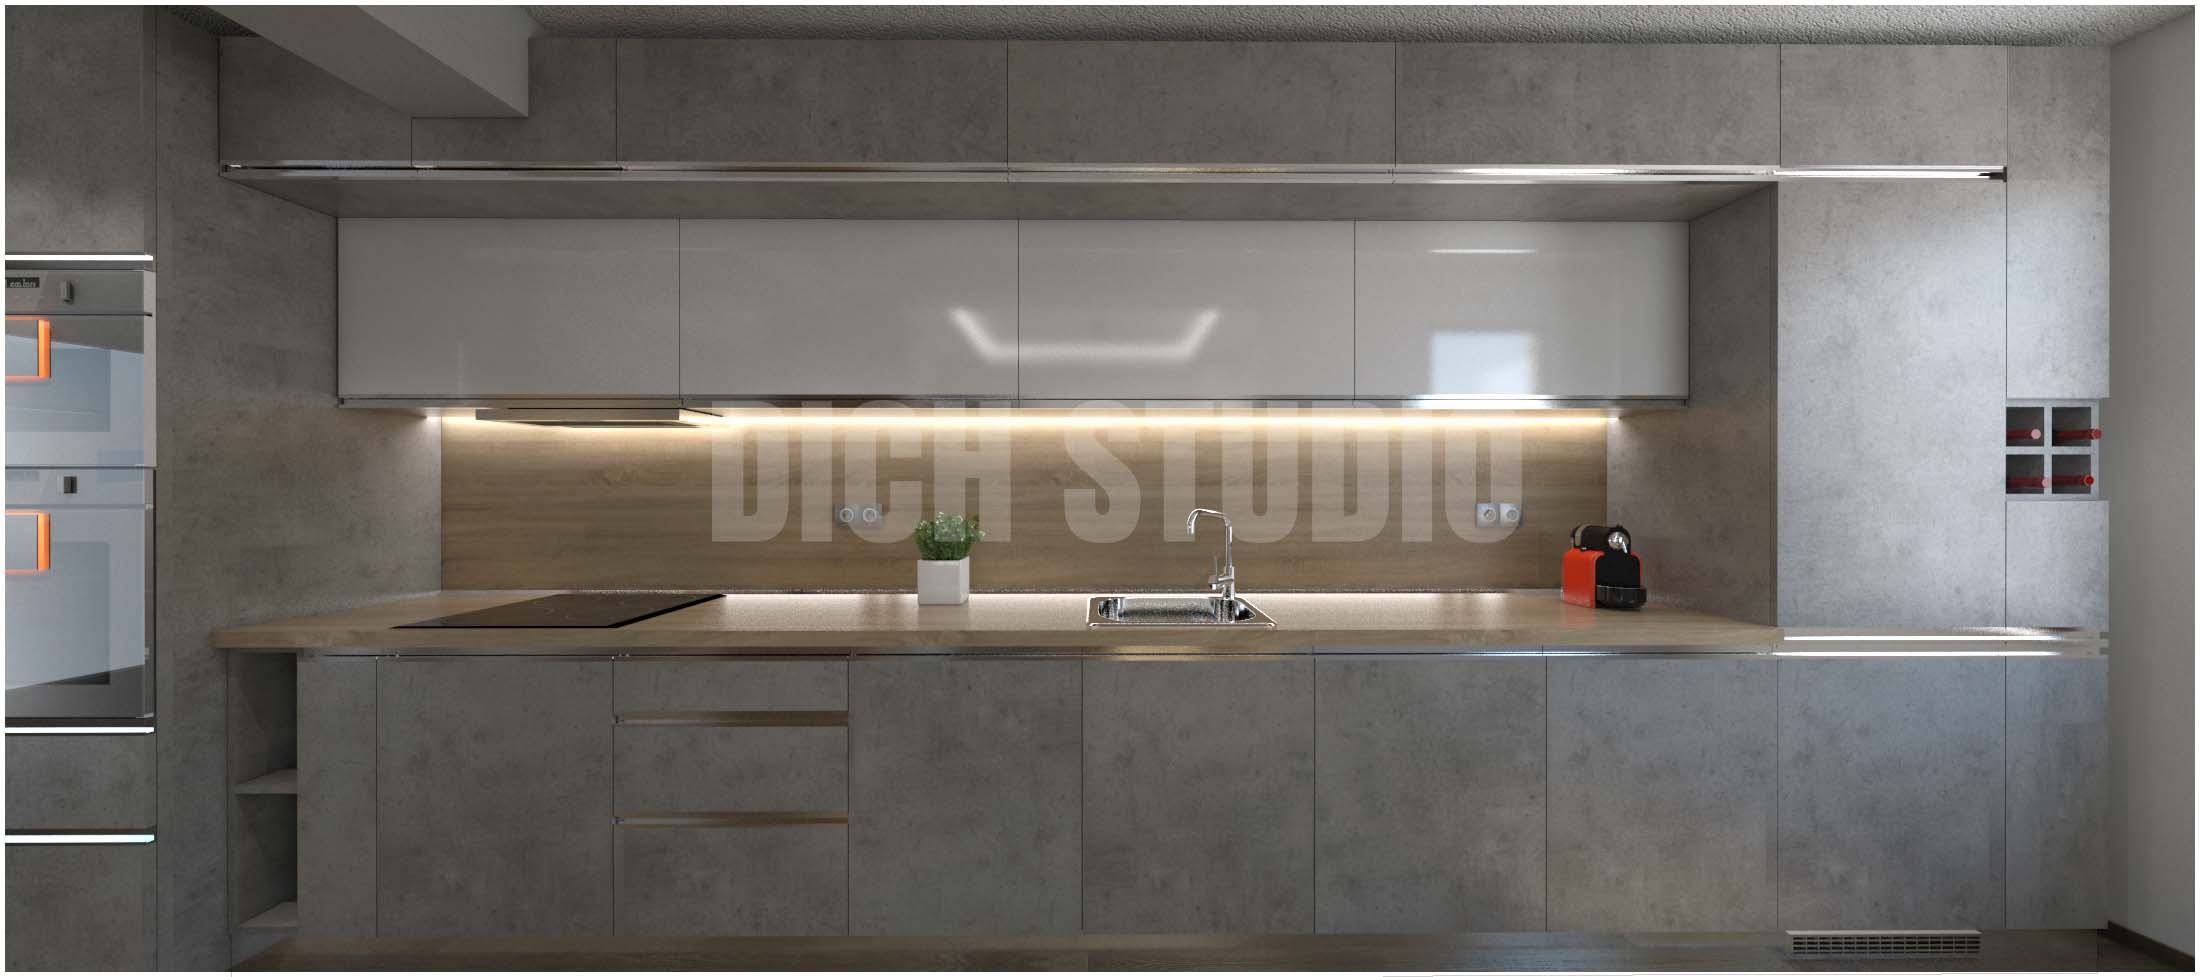 Визуализация на кухня